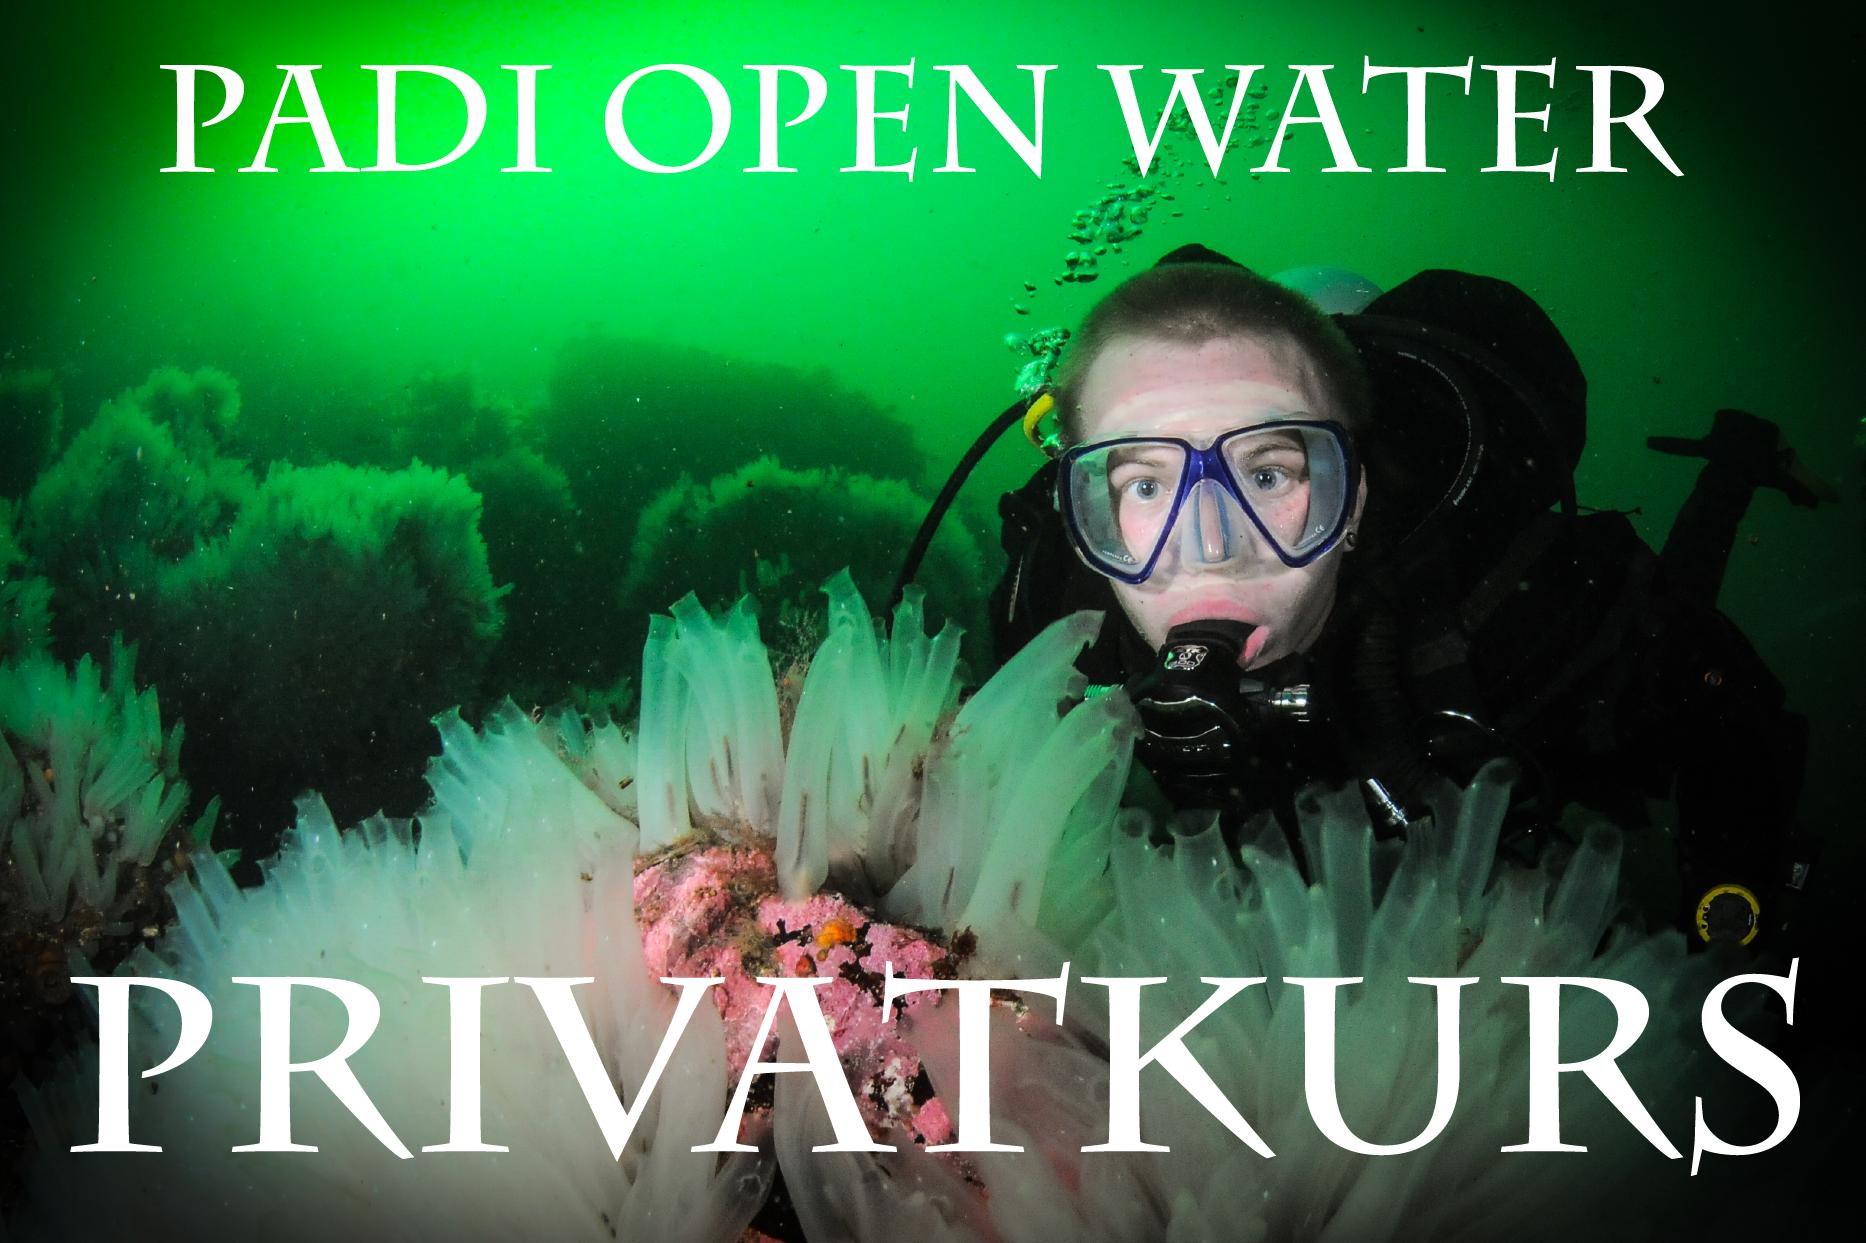 PADI OPEN WATER DIVER - Privatkurs